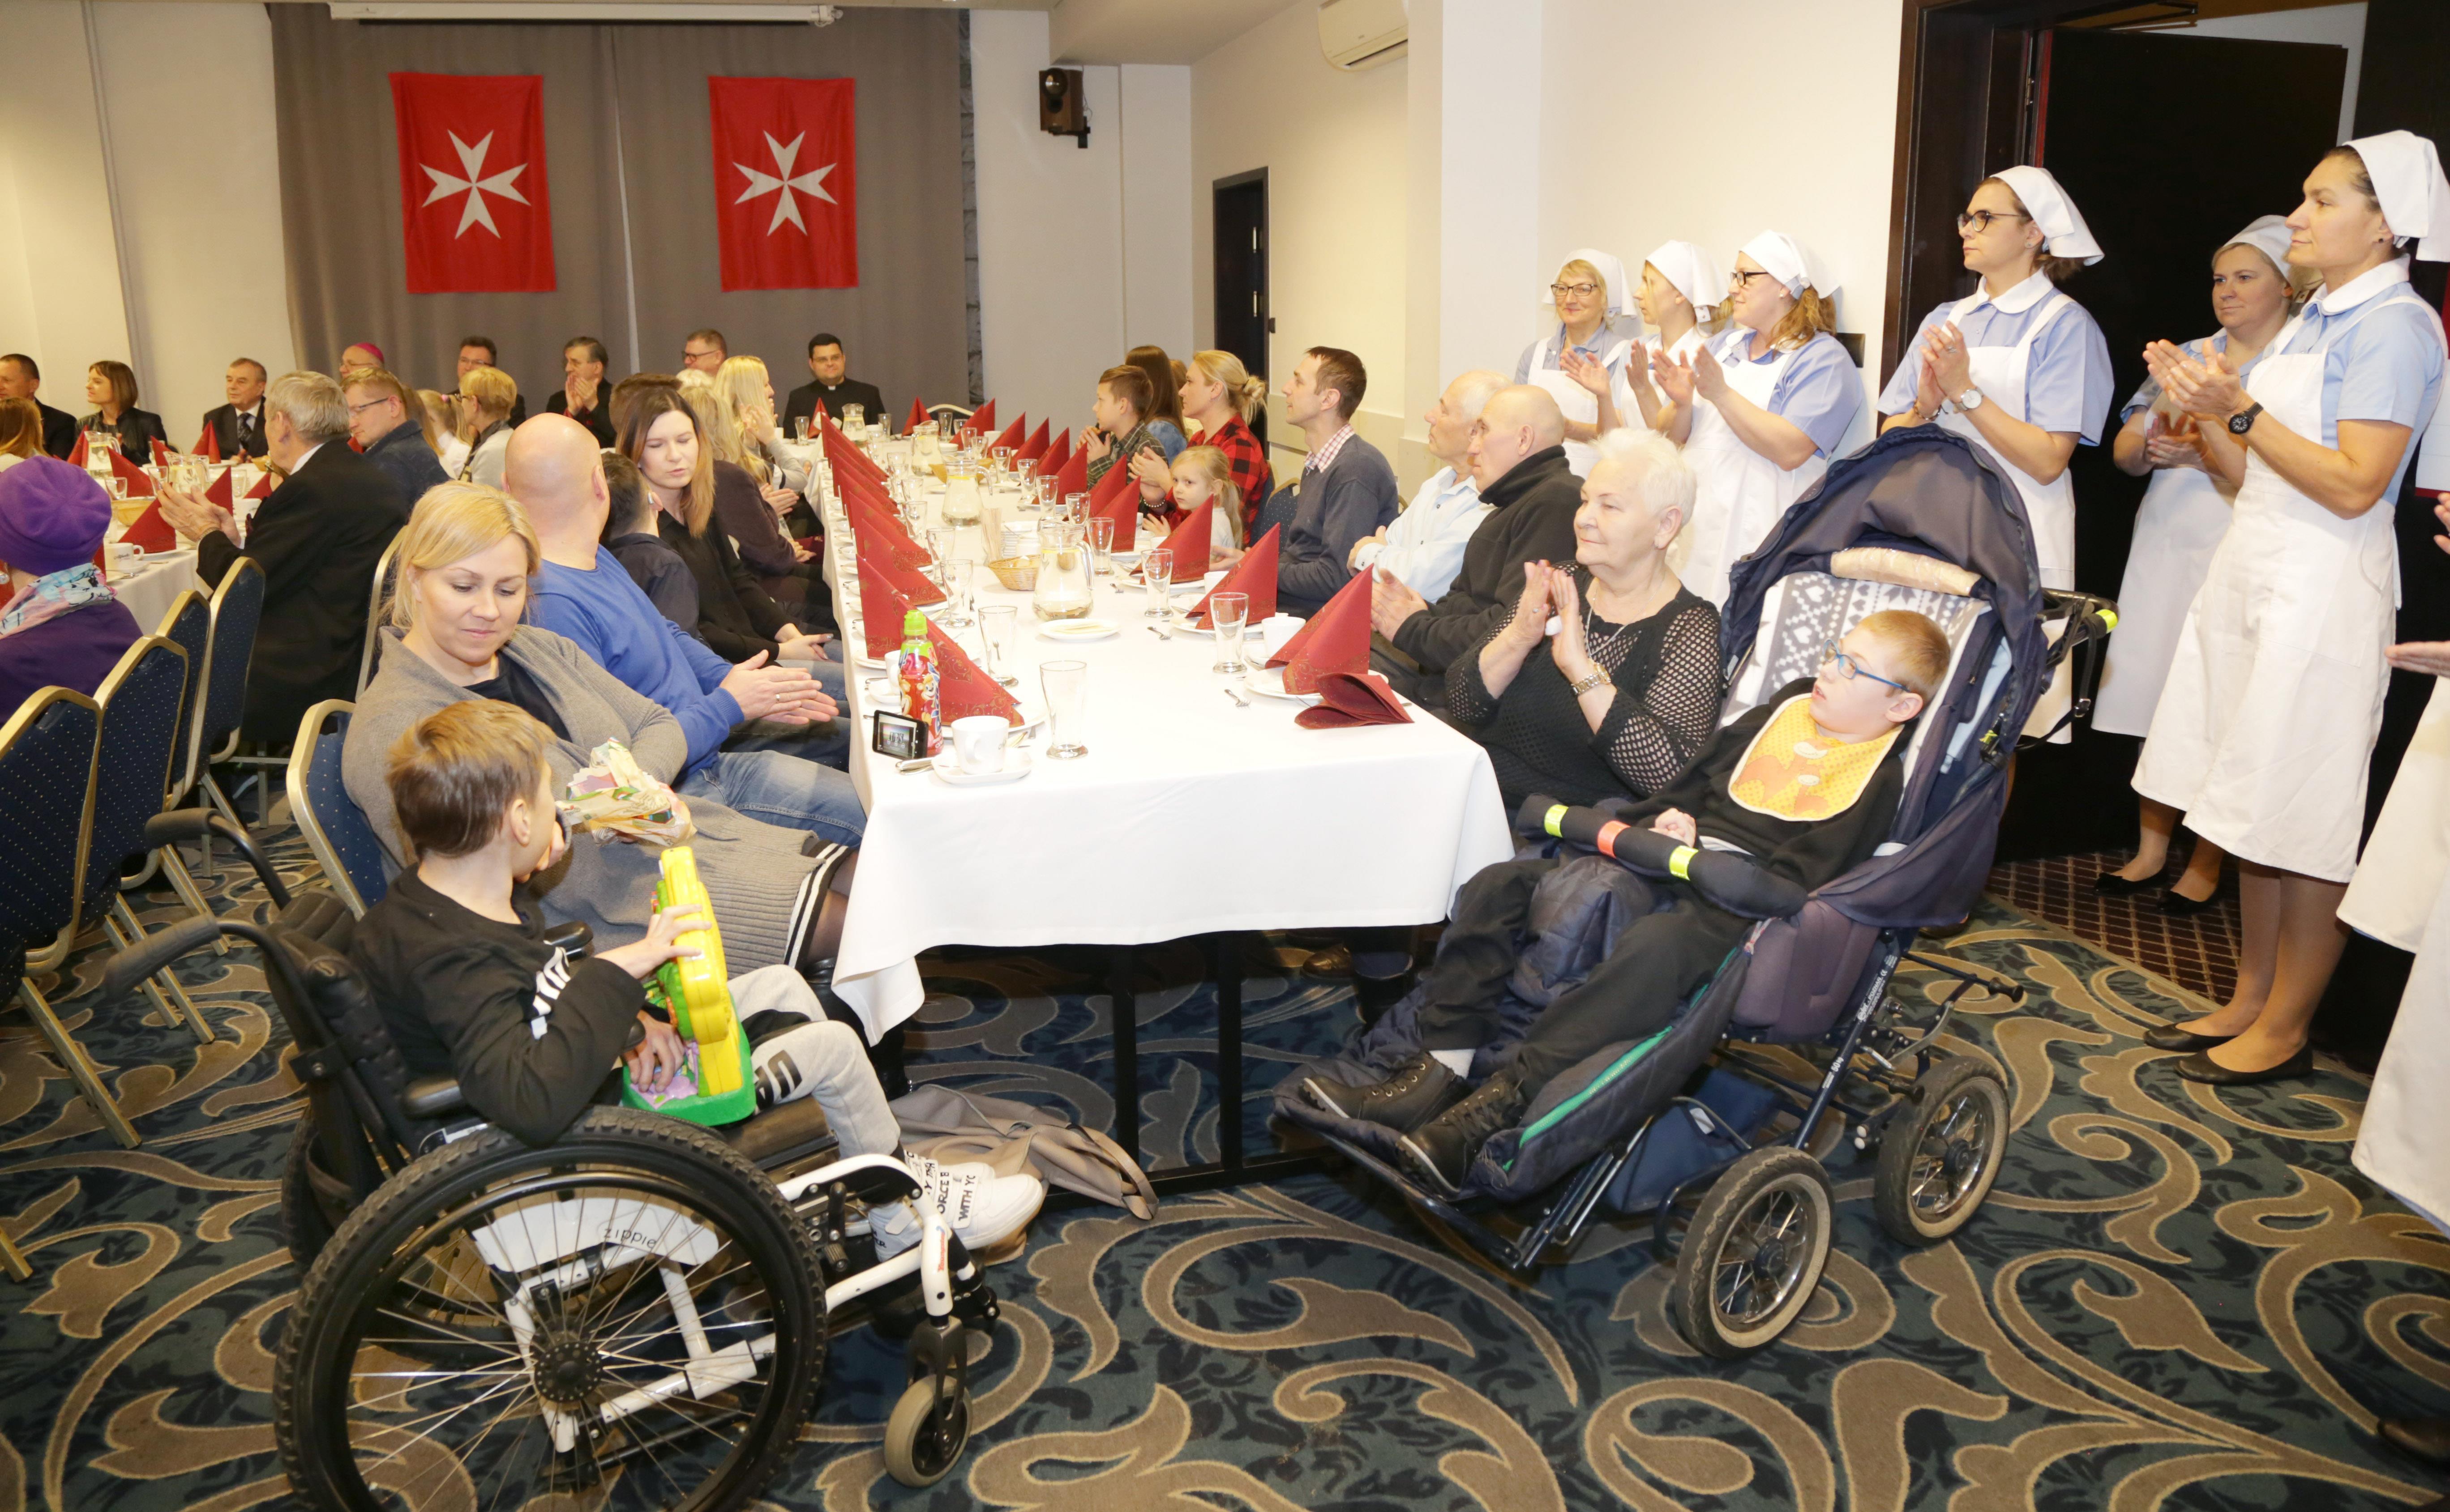 Opłatek Maltański  Olsztyn-Opłatek maltański z Fundacją Przyszłość dla Dzieci w Hotelu Wileńskim